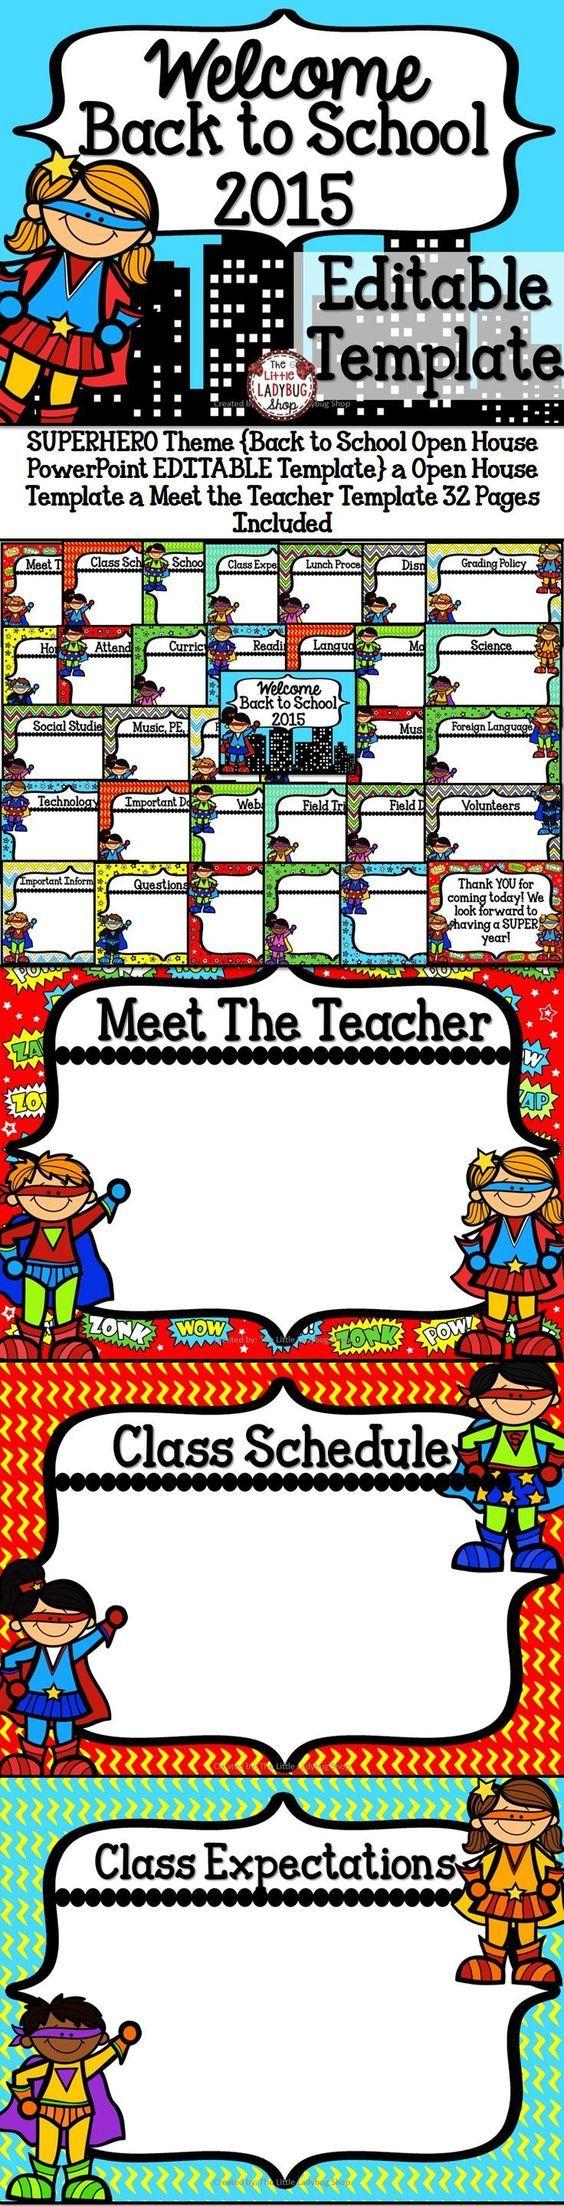 best 25+ meet the teacher template ideas on pinterest | teacher, Modern powerpoint